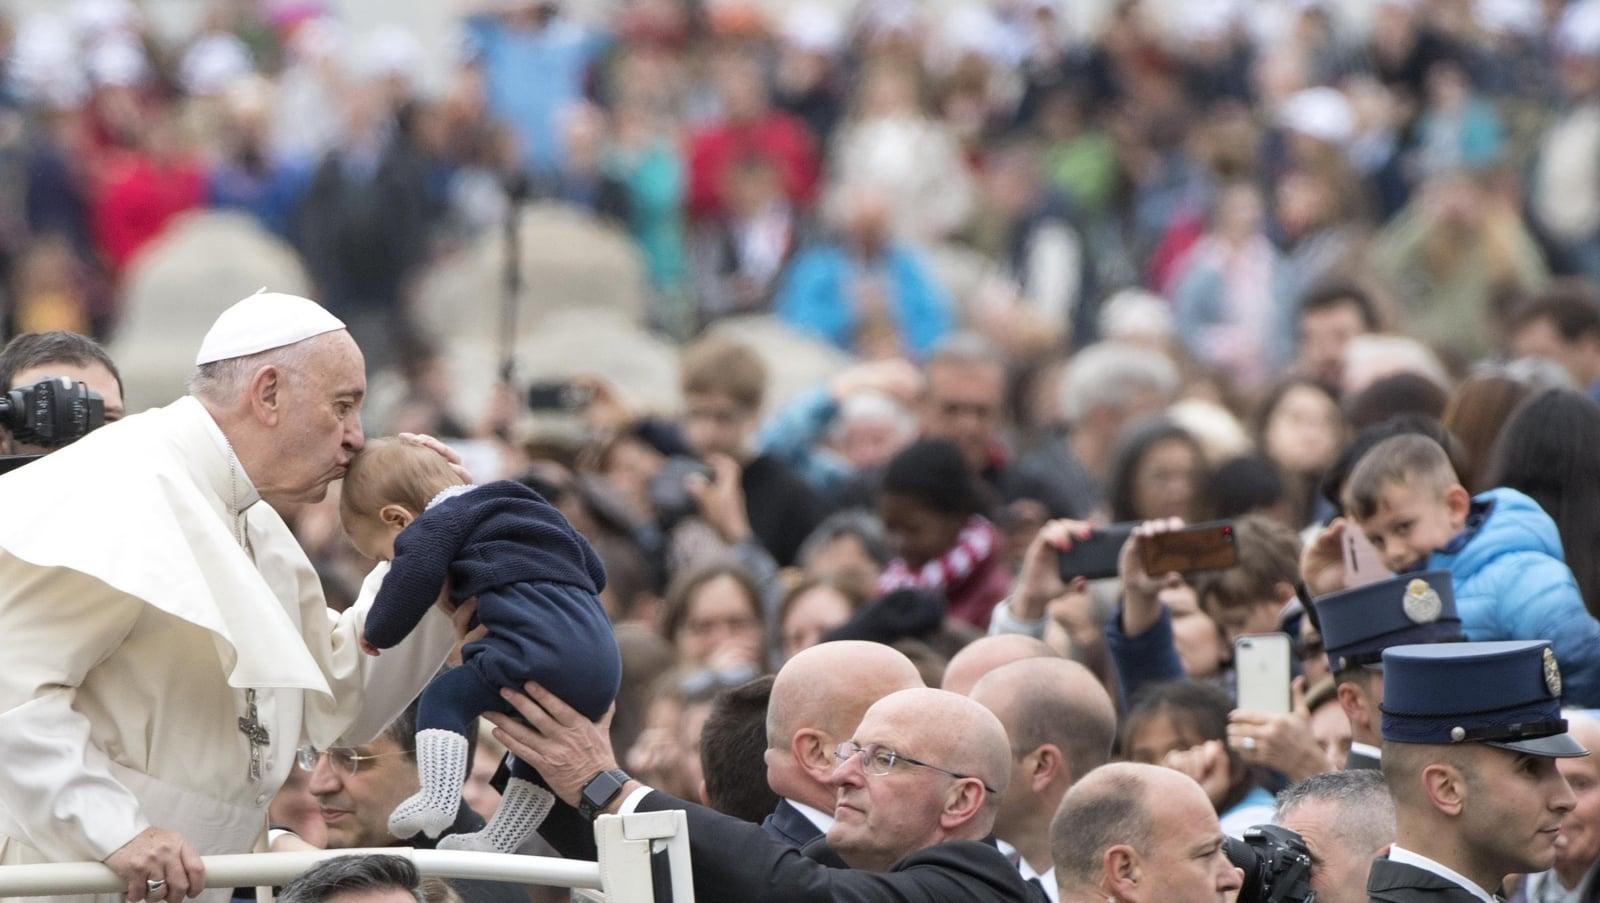 Papież Franciszek przed rozpoczęciem środowej audiencji generalnej na placu św. Piotra w Watykanie, fot. EPA/CLAUDIO PERI